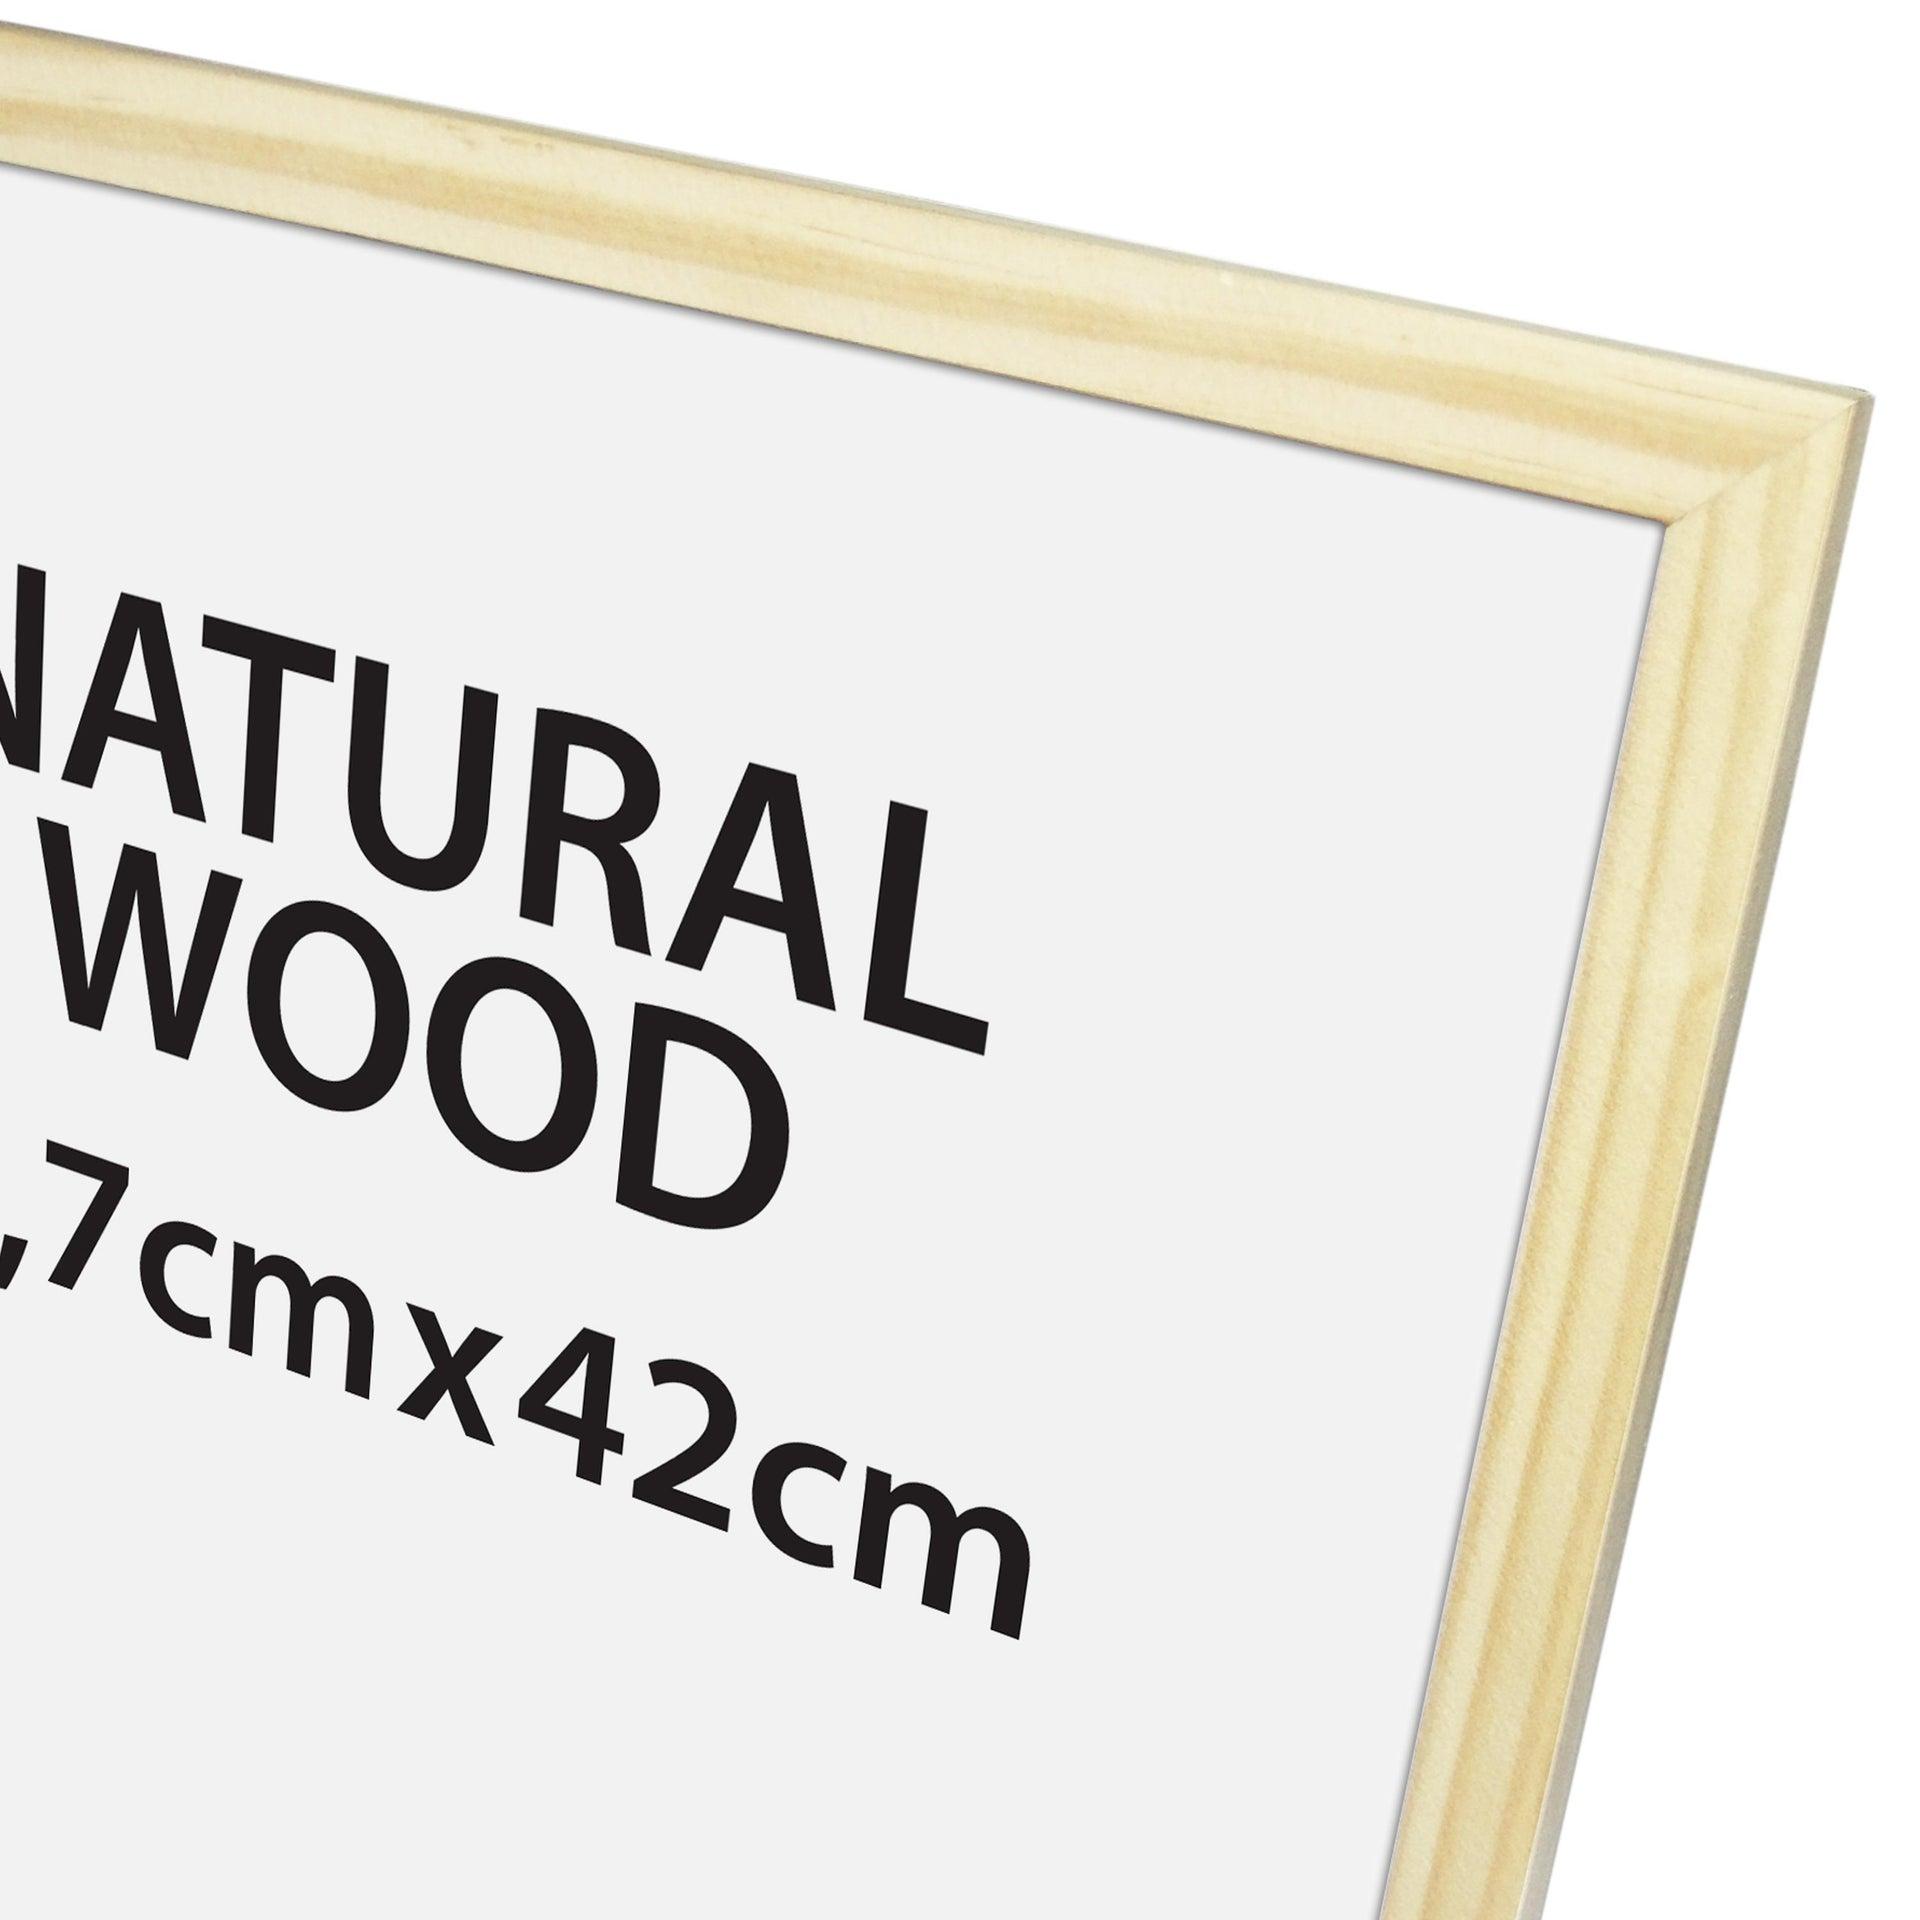 Cornice Natural wood naturale per foto da 29.7x42 cm - 2